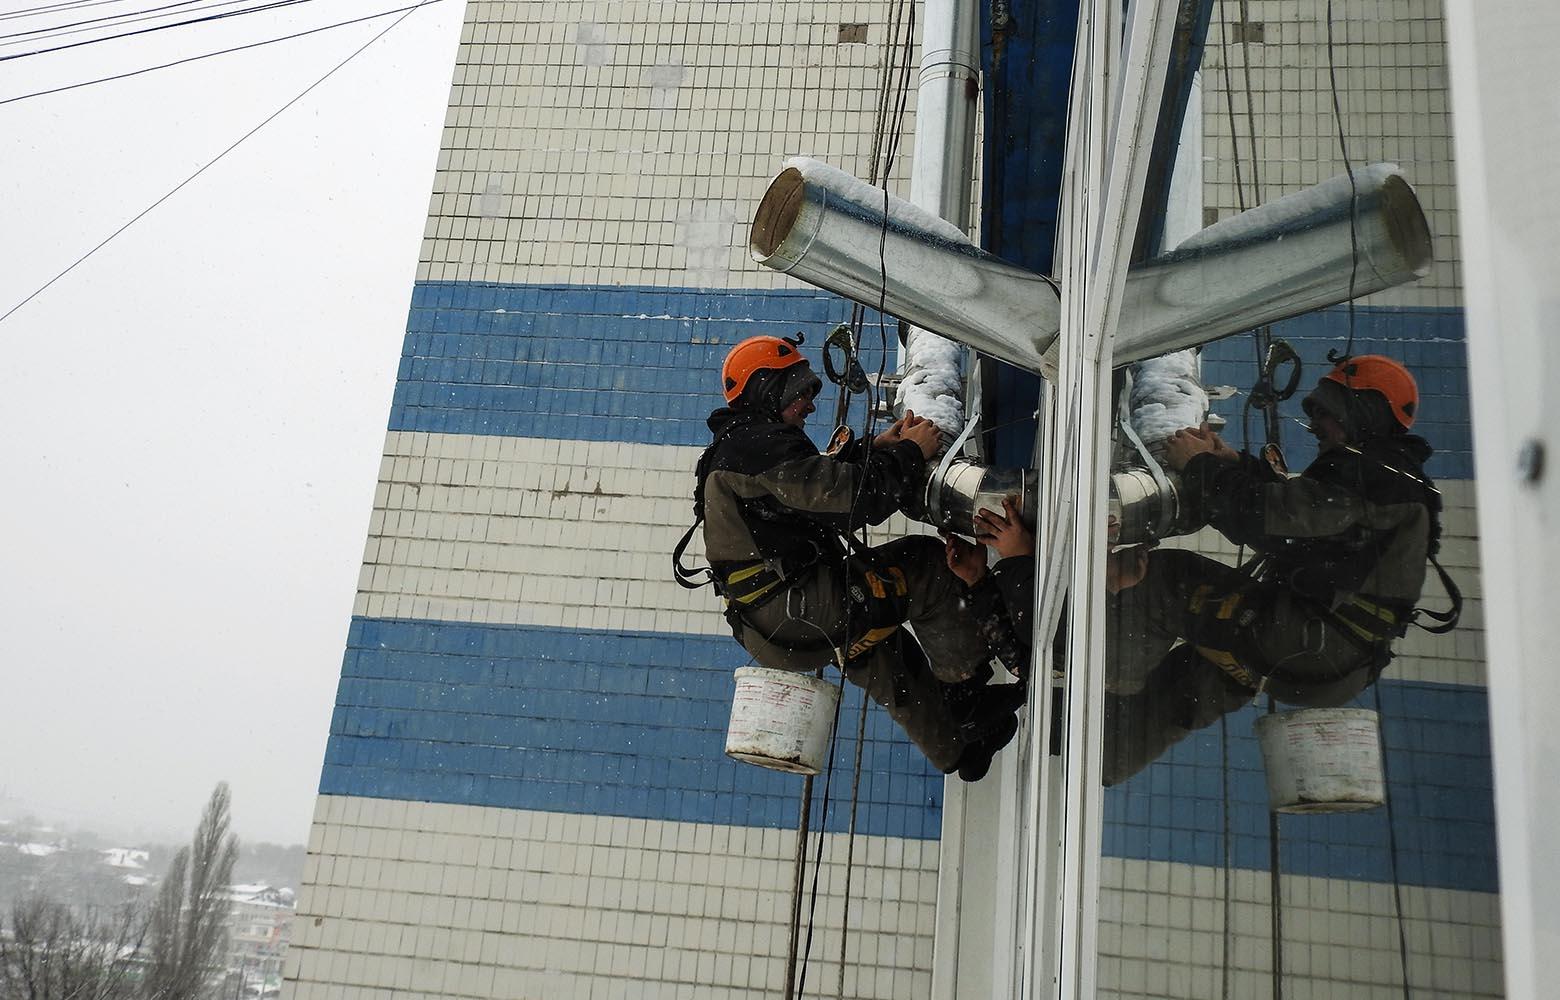 Монтаж воздуховода вентиляции альпинистом.